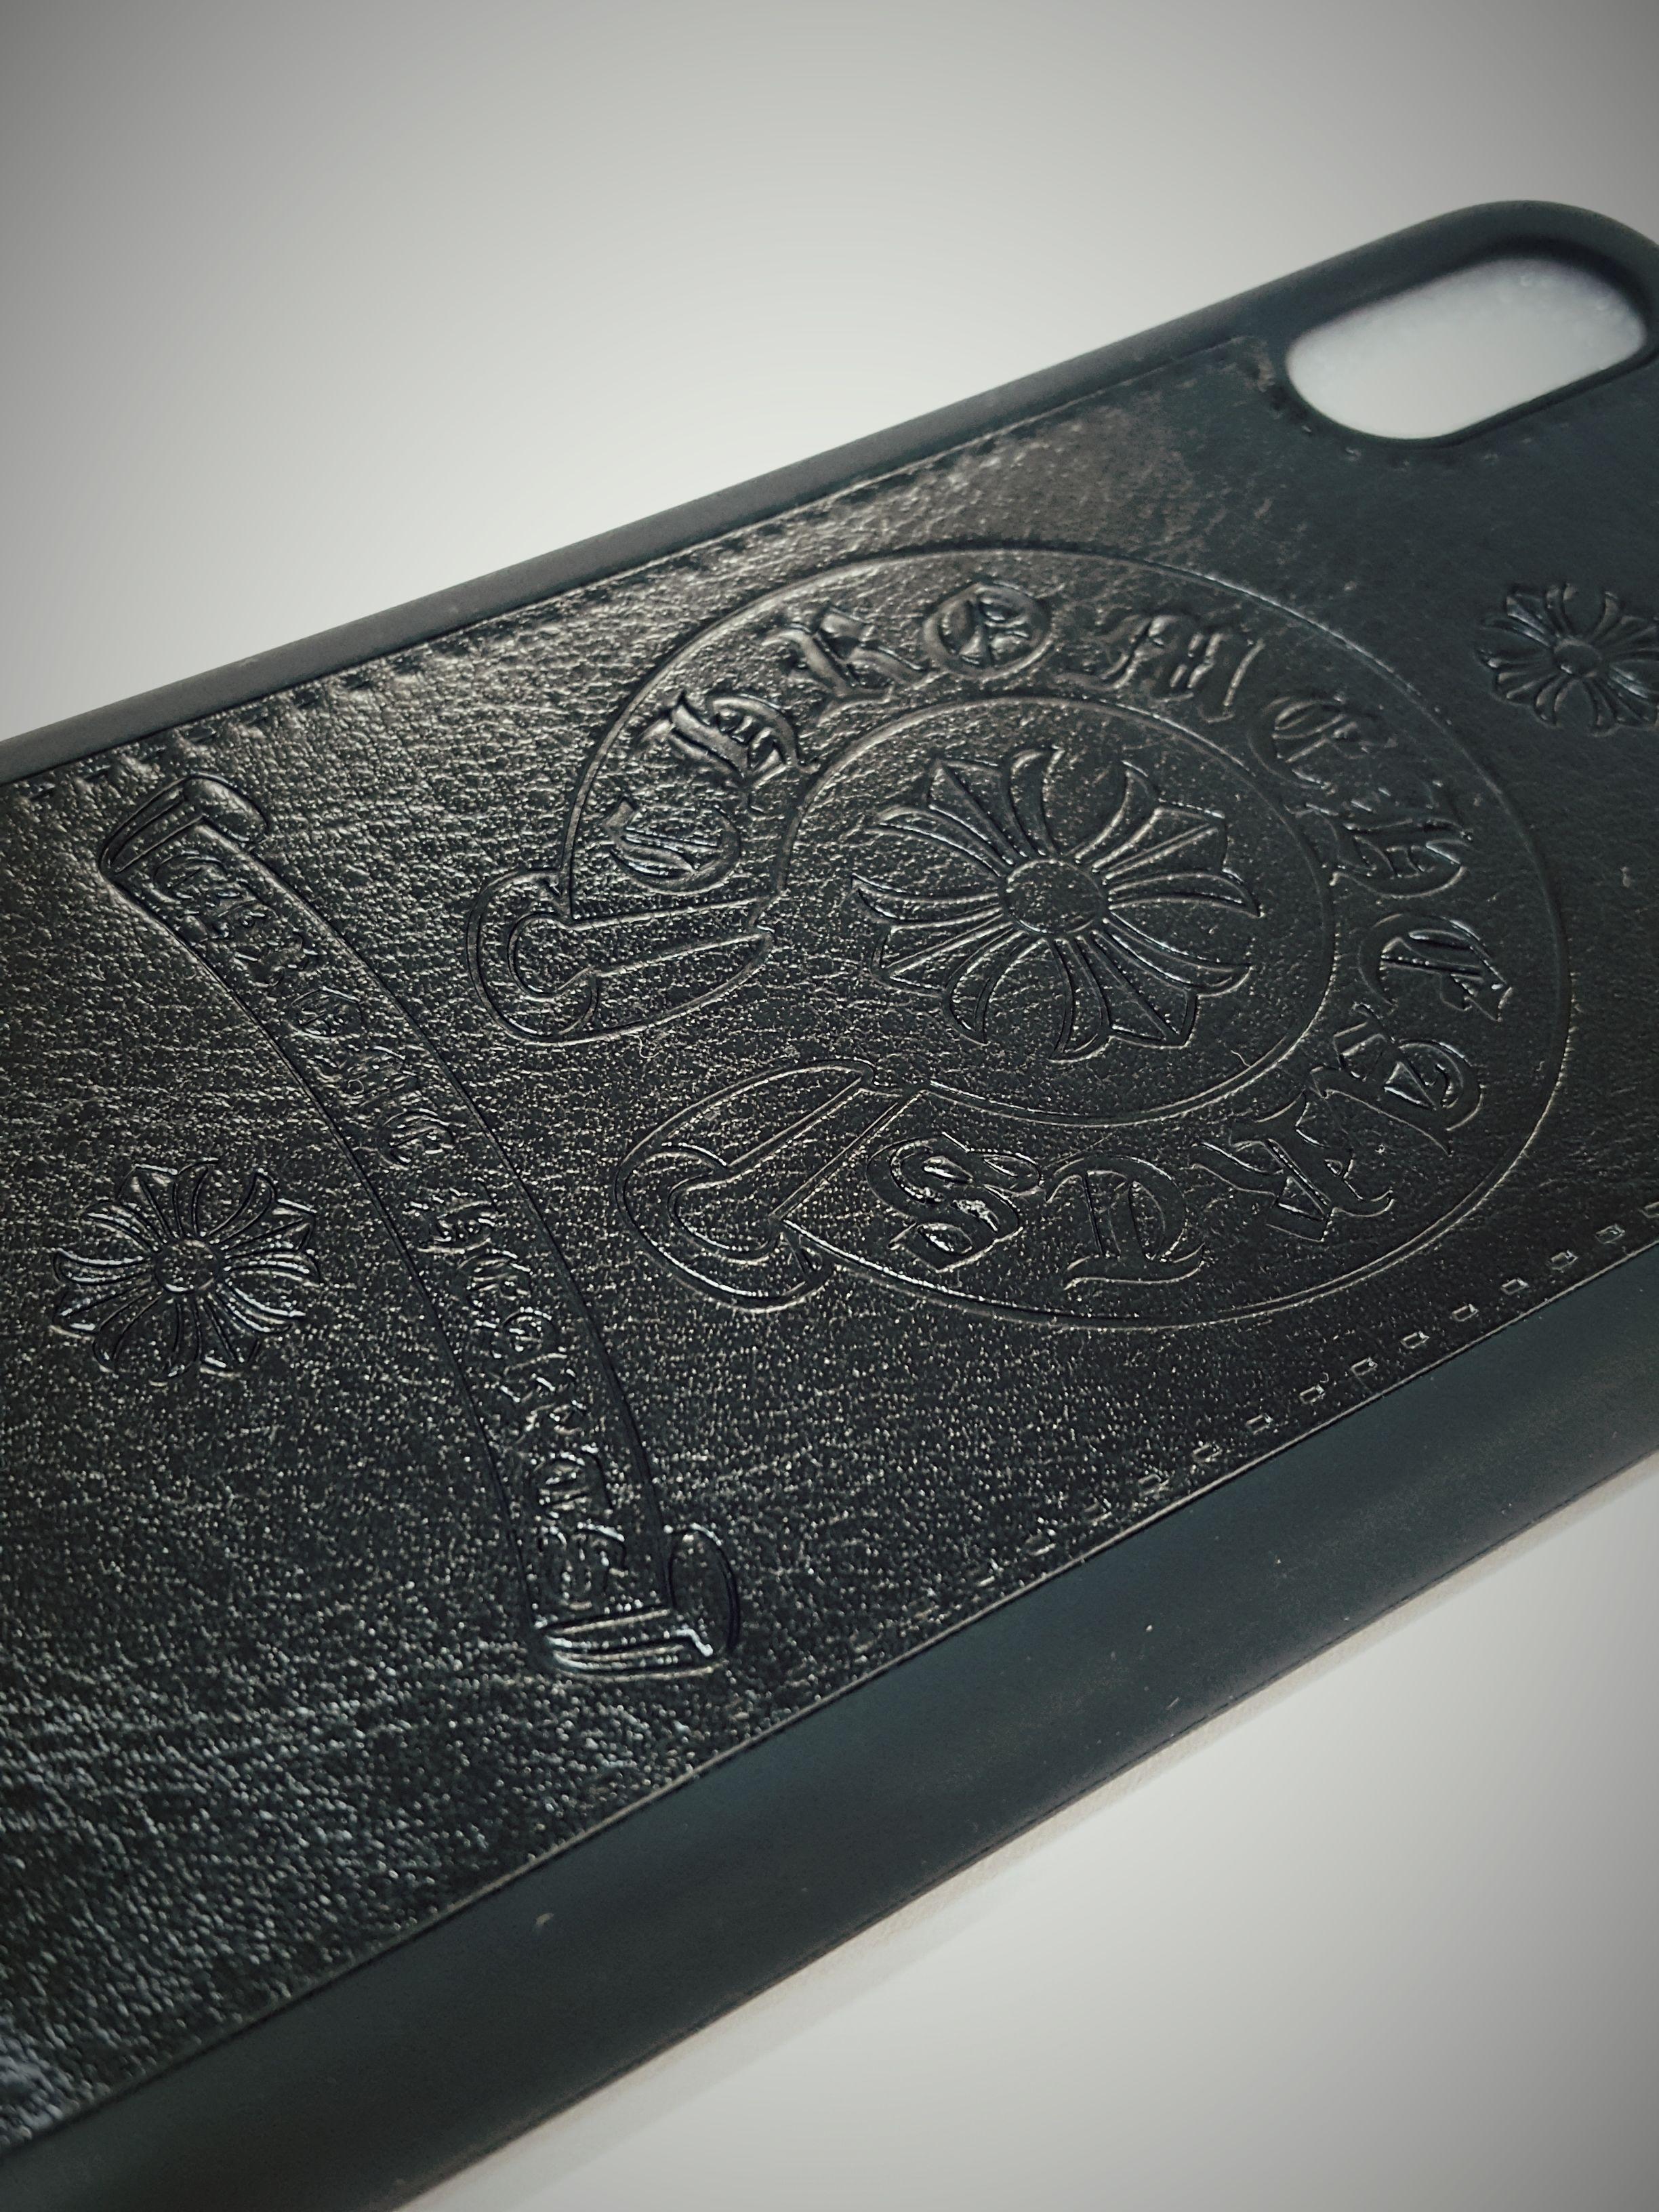 iphoneX スマホケース 人気のホースシューエンブレム タイプクロムハーツ【ブラック・ホワイト・ピンク】のうち1個